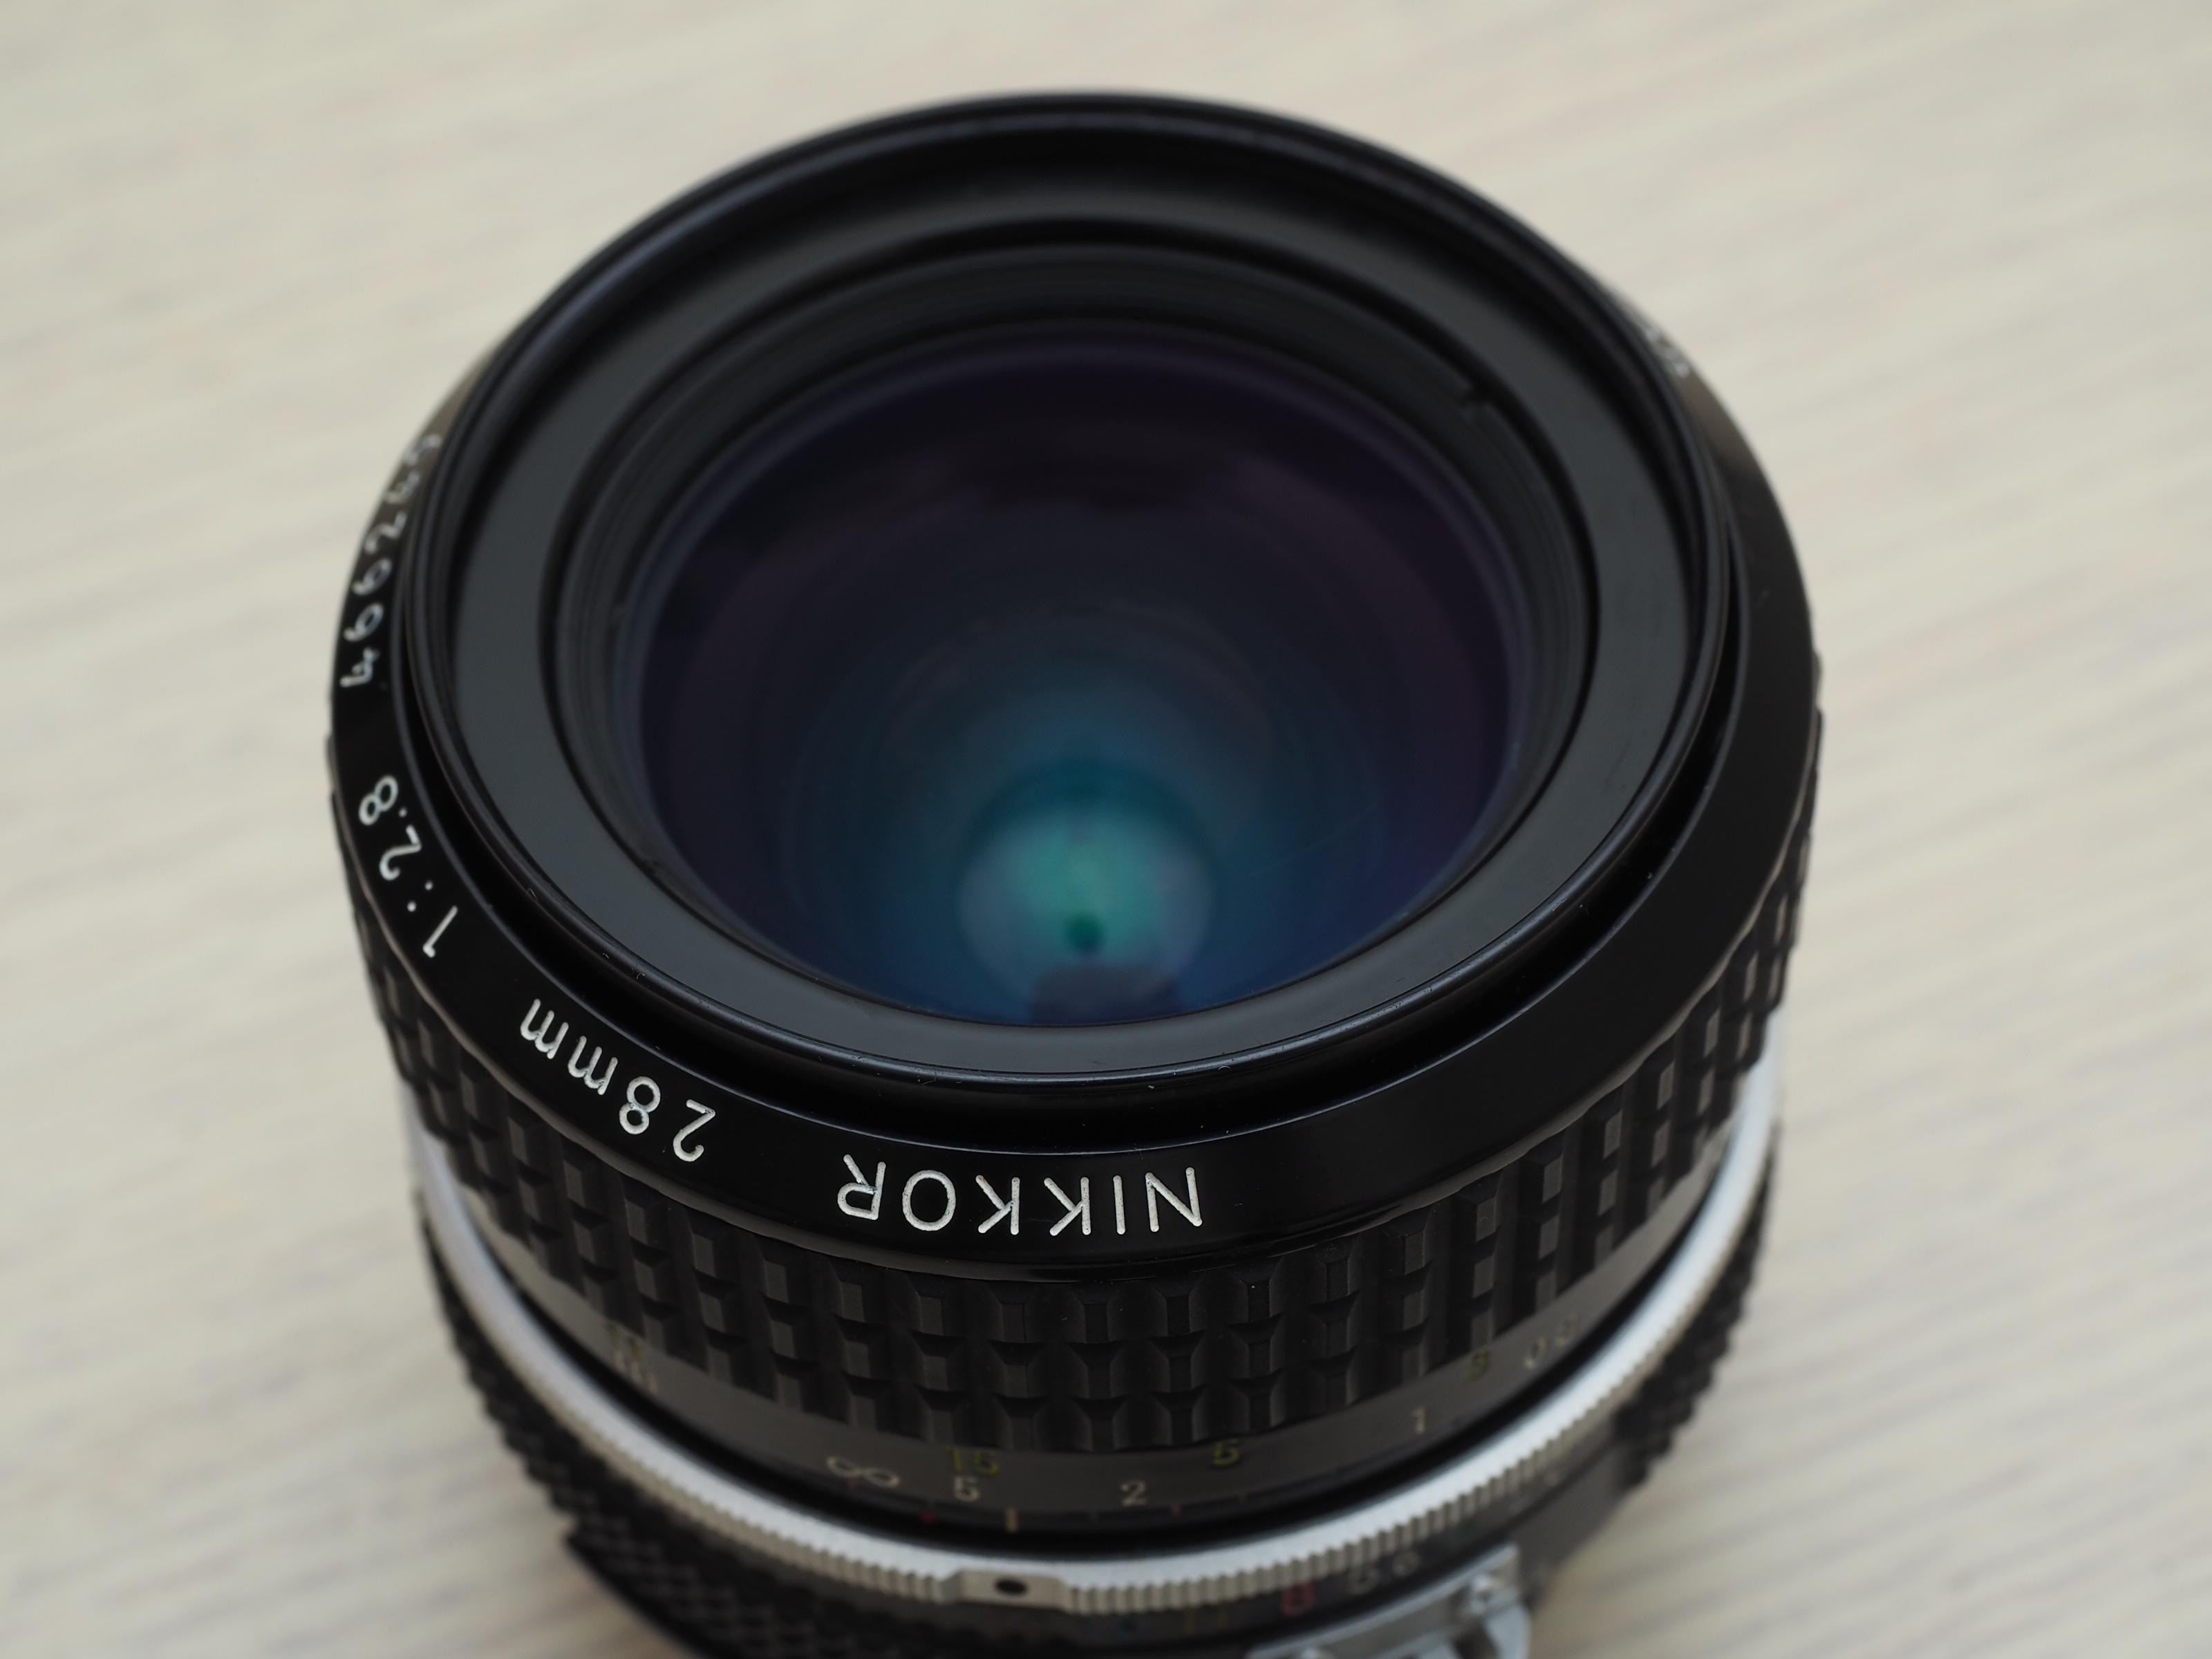 ☆林Sir石牌館 二手Nikon AIS 28mm f2.8 手動對焦鏡頭